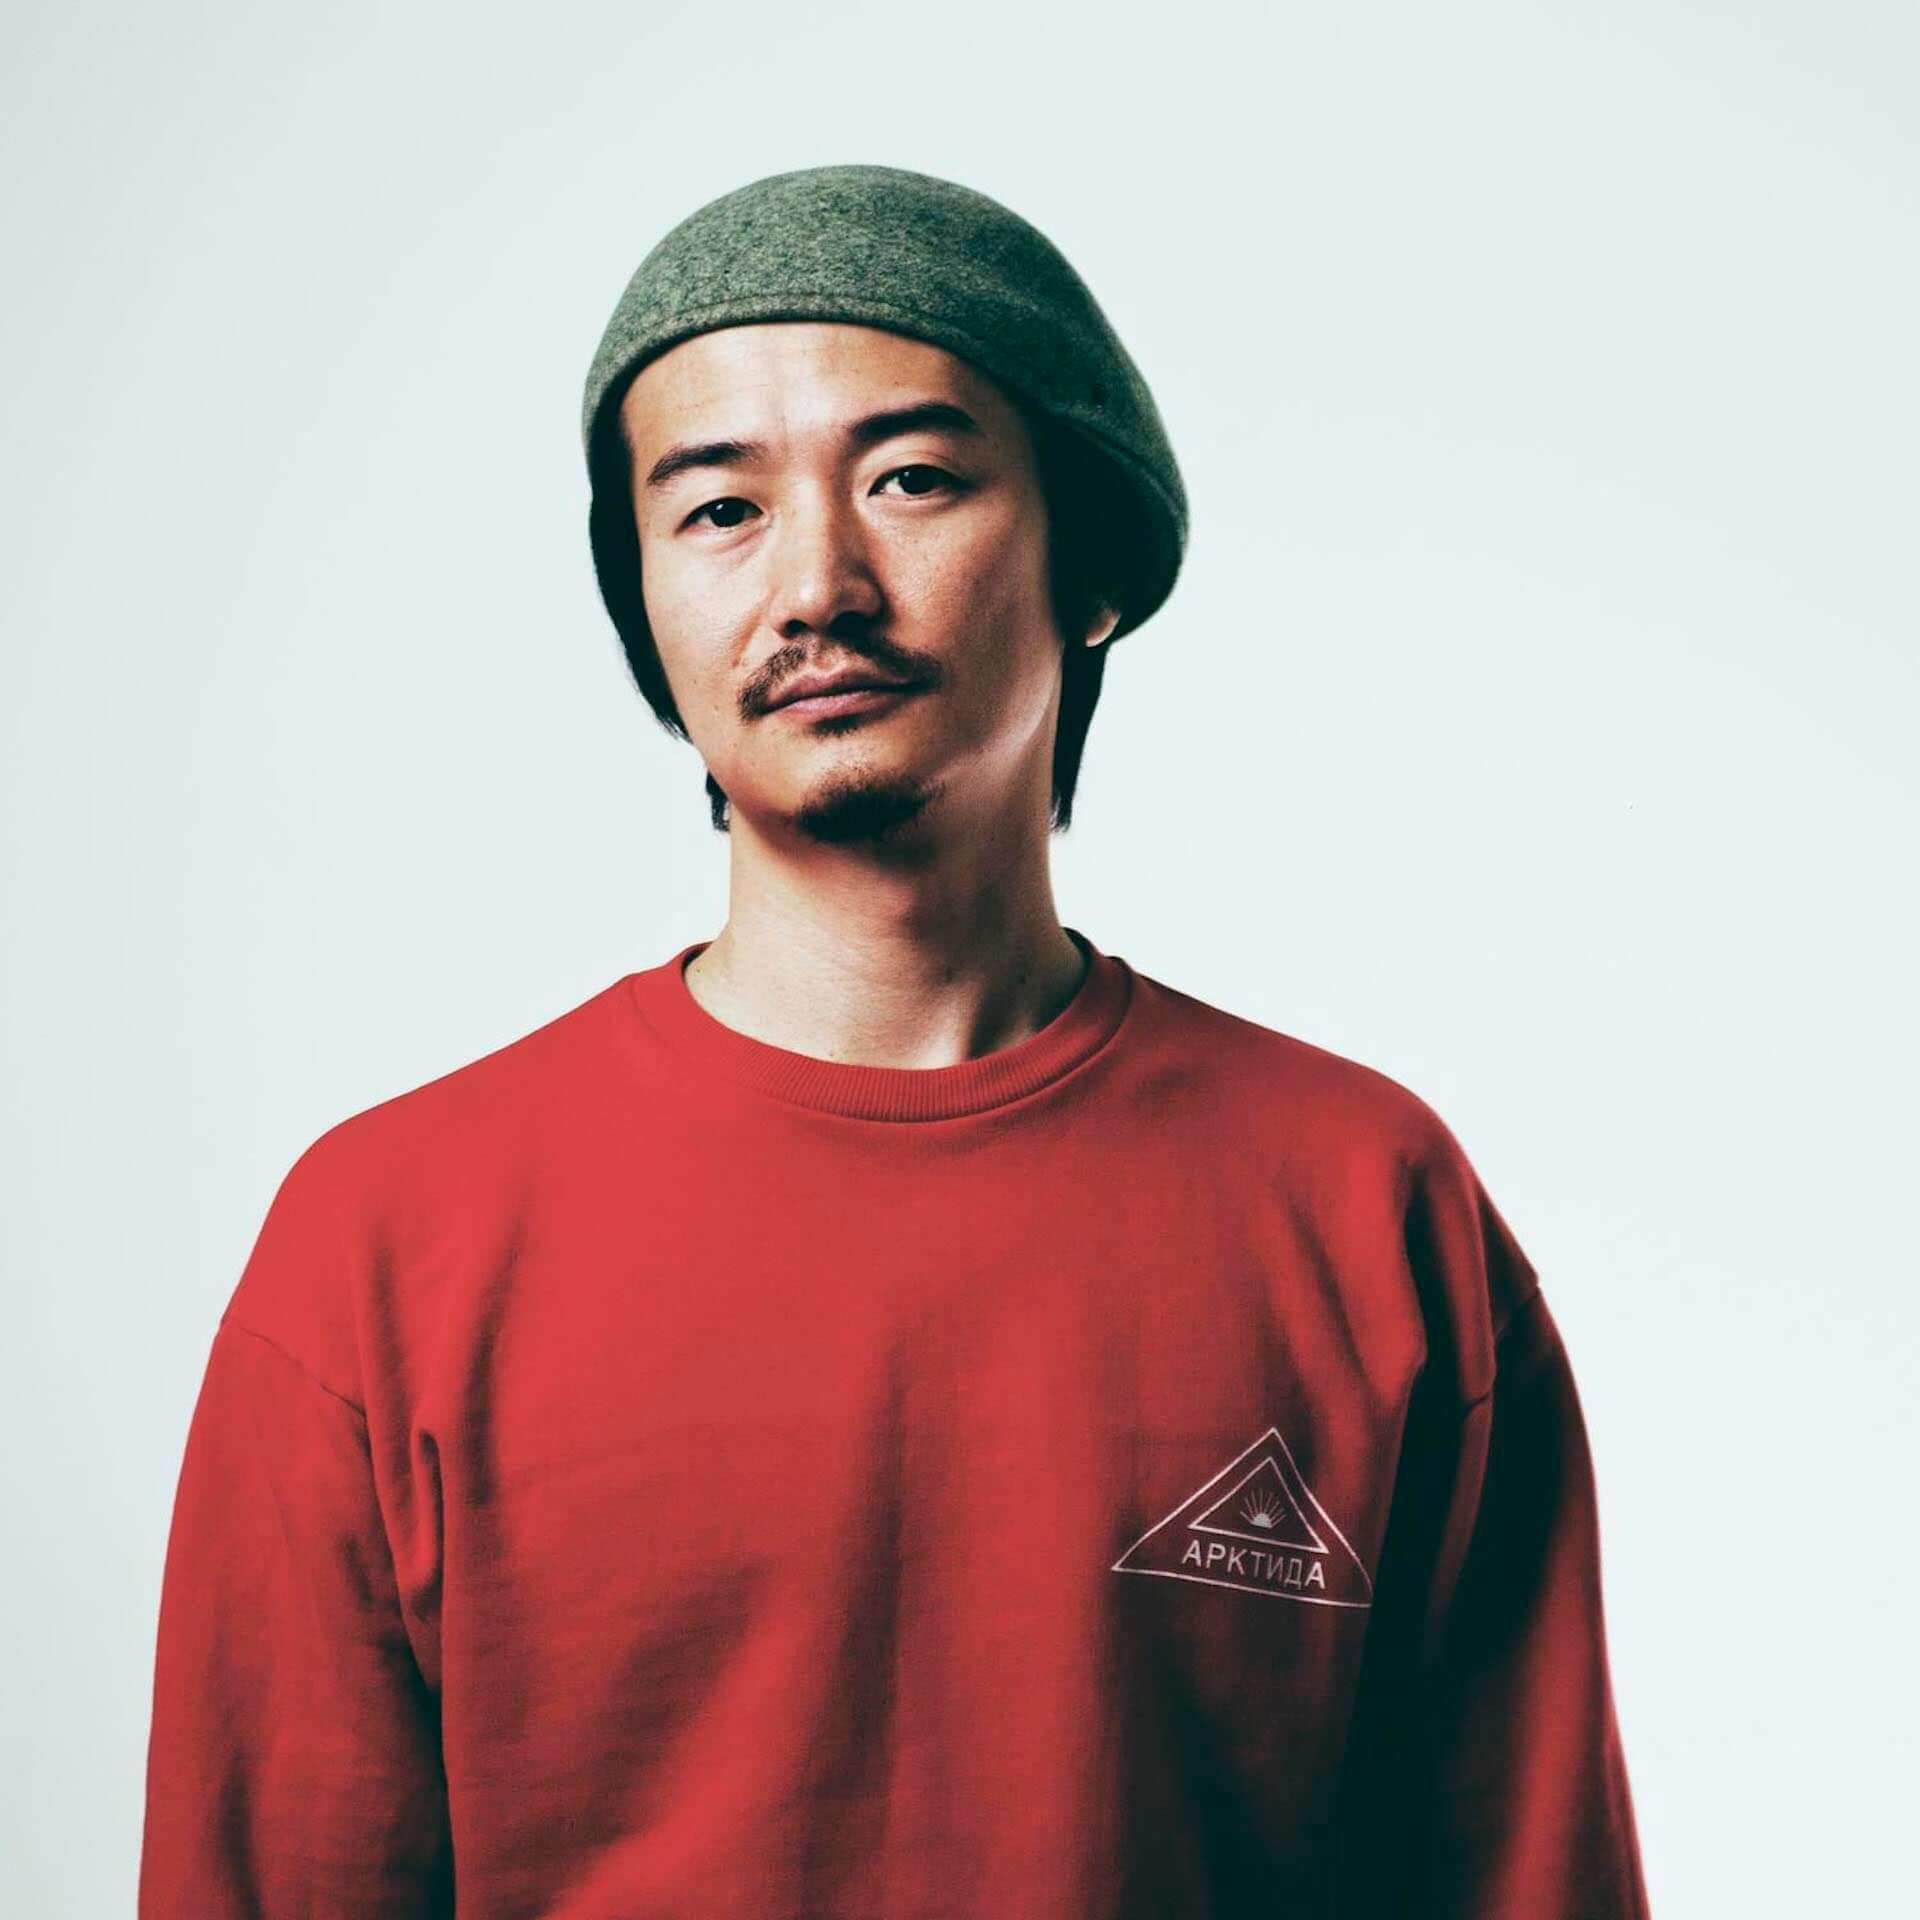 CIRCUS OSAKAのカウントダウンイベントにAOKI takamasa、Tomoki Tamura、DJ AGEISHIらが出演決定!Soichi Teradaのライブセットも music201221_circus-osaka_5-1920x1920